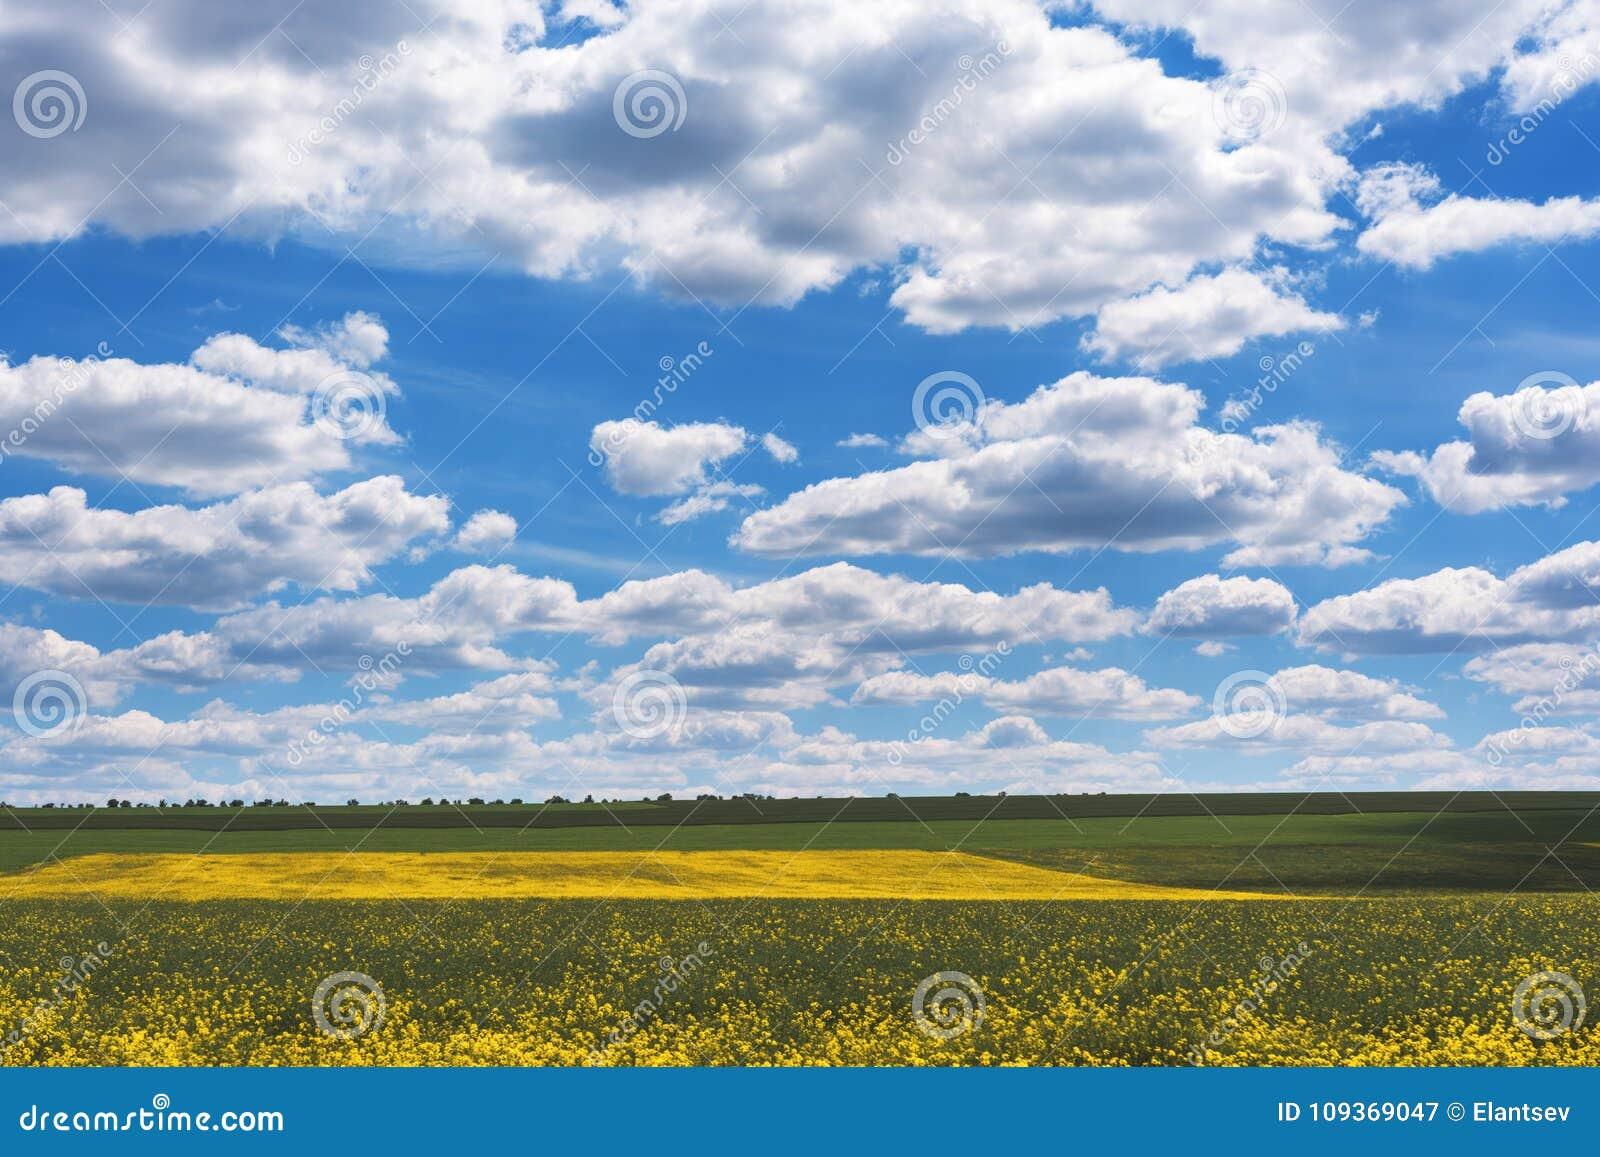 Gebied van helder geel raapzaad in de lente Raapzaadbrassica de verkrachting van het napus oliehoudende zaad